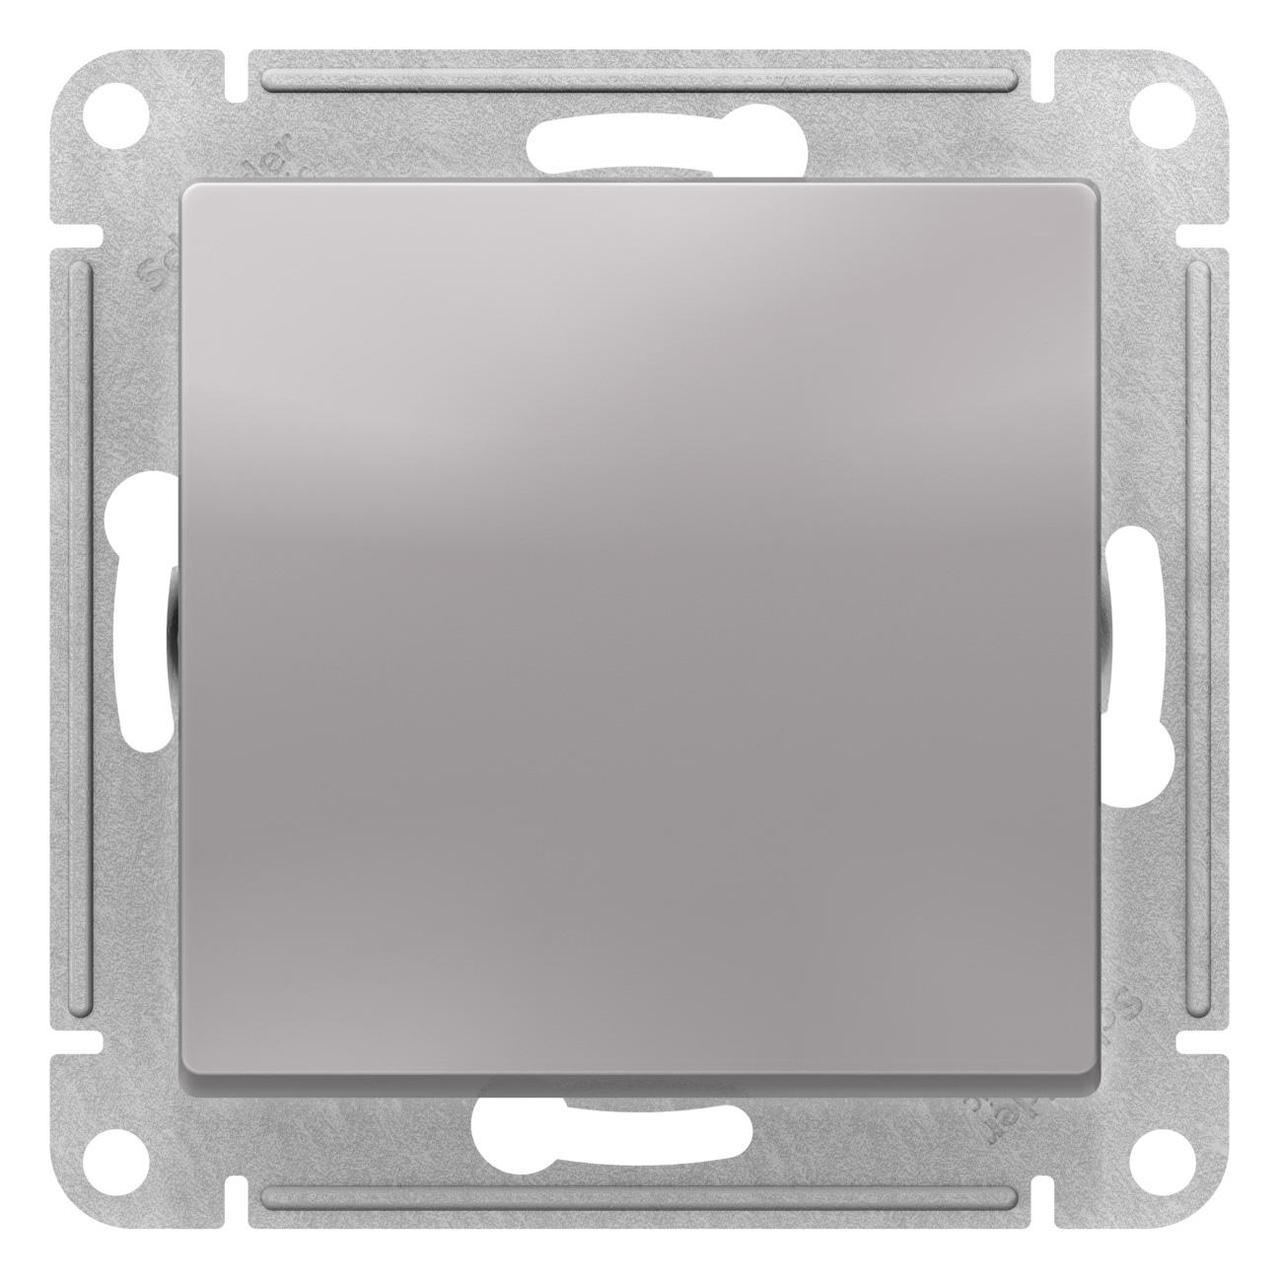 Выключатель 1-клавишный; кнопочный , Алюминий, серия Atlas Design, Schneider Electric